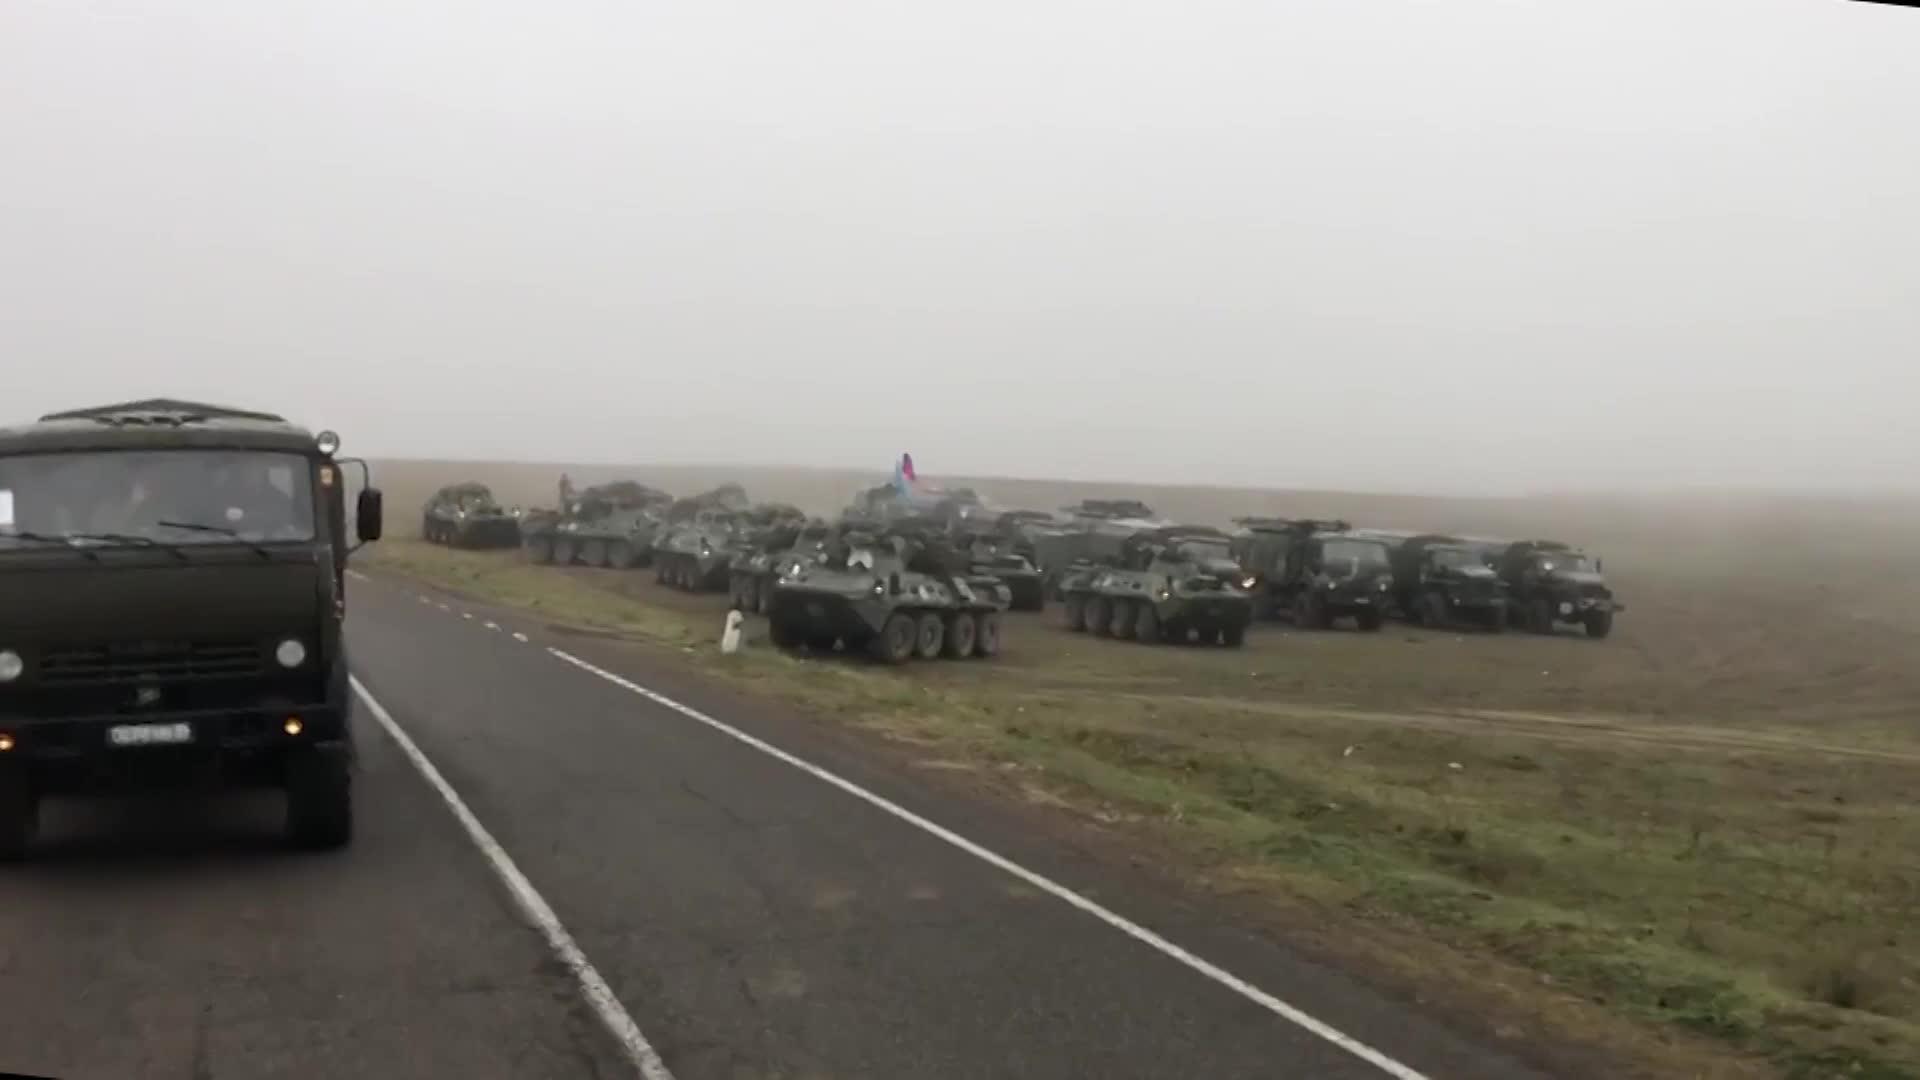 俄军开始进驻阿亚冲突地区纳卡,为难民保驾护航并落实停火协议